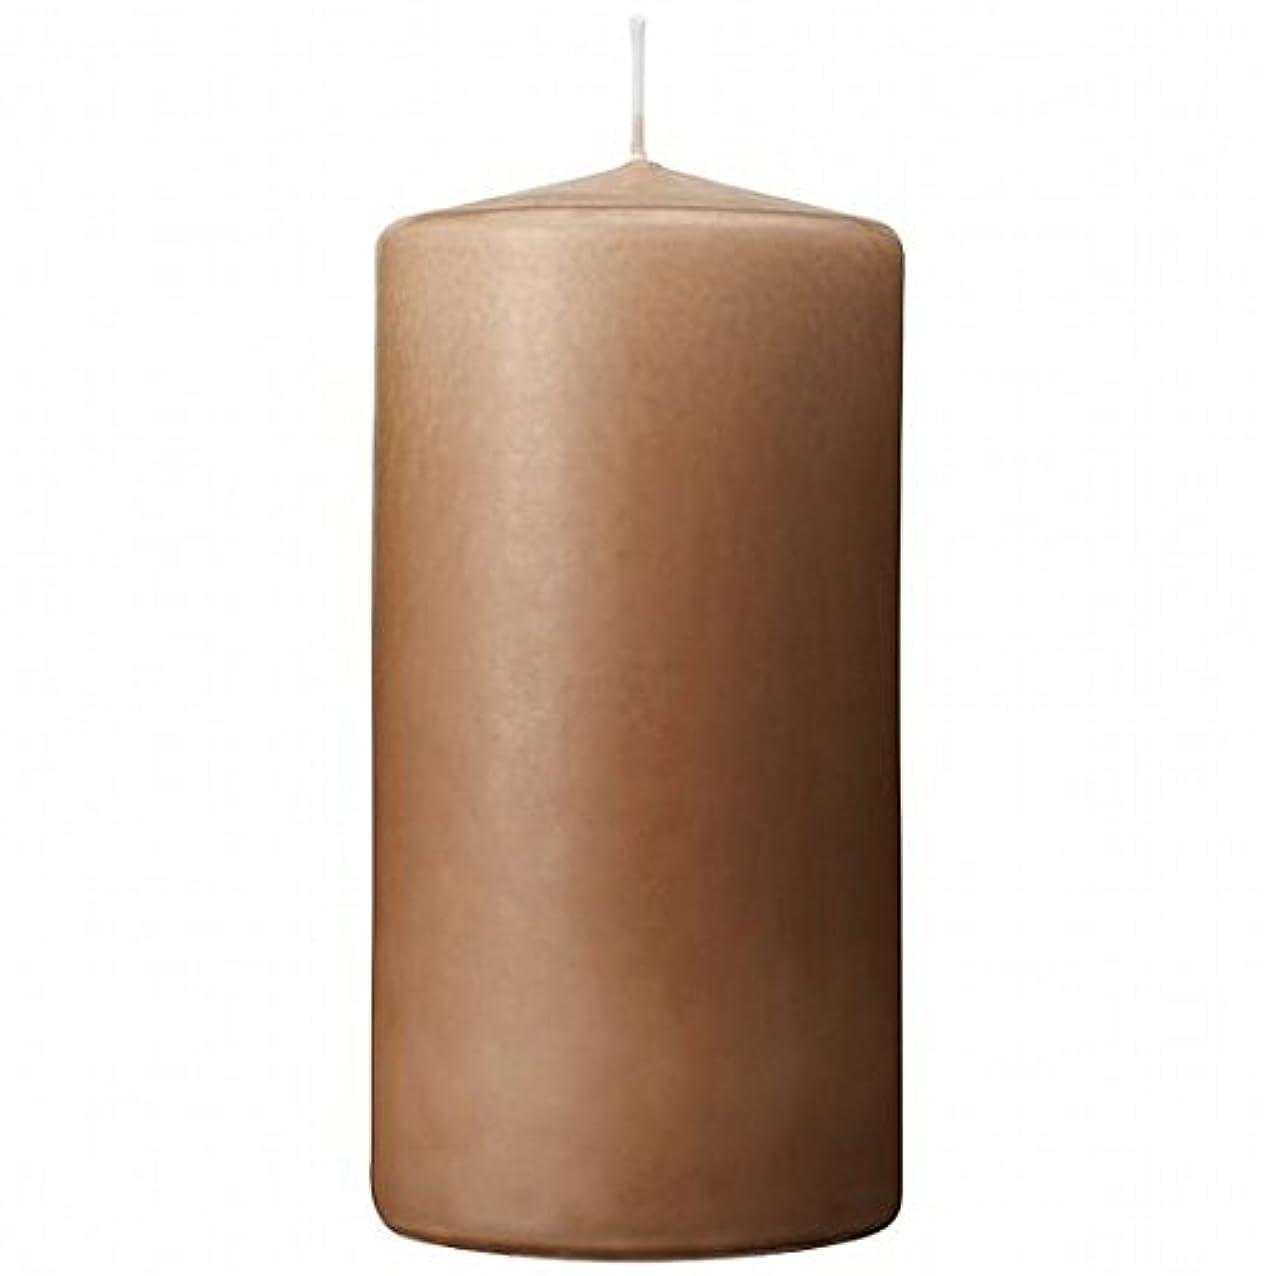 通信網治す実際のkameyama candle(カメヤマキャンドル) 3×6ベルトップピラーキャンドル 「 モカ 」(A9730010MO)